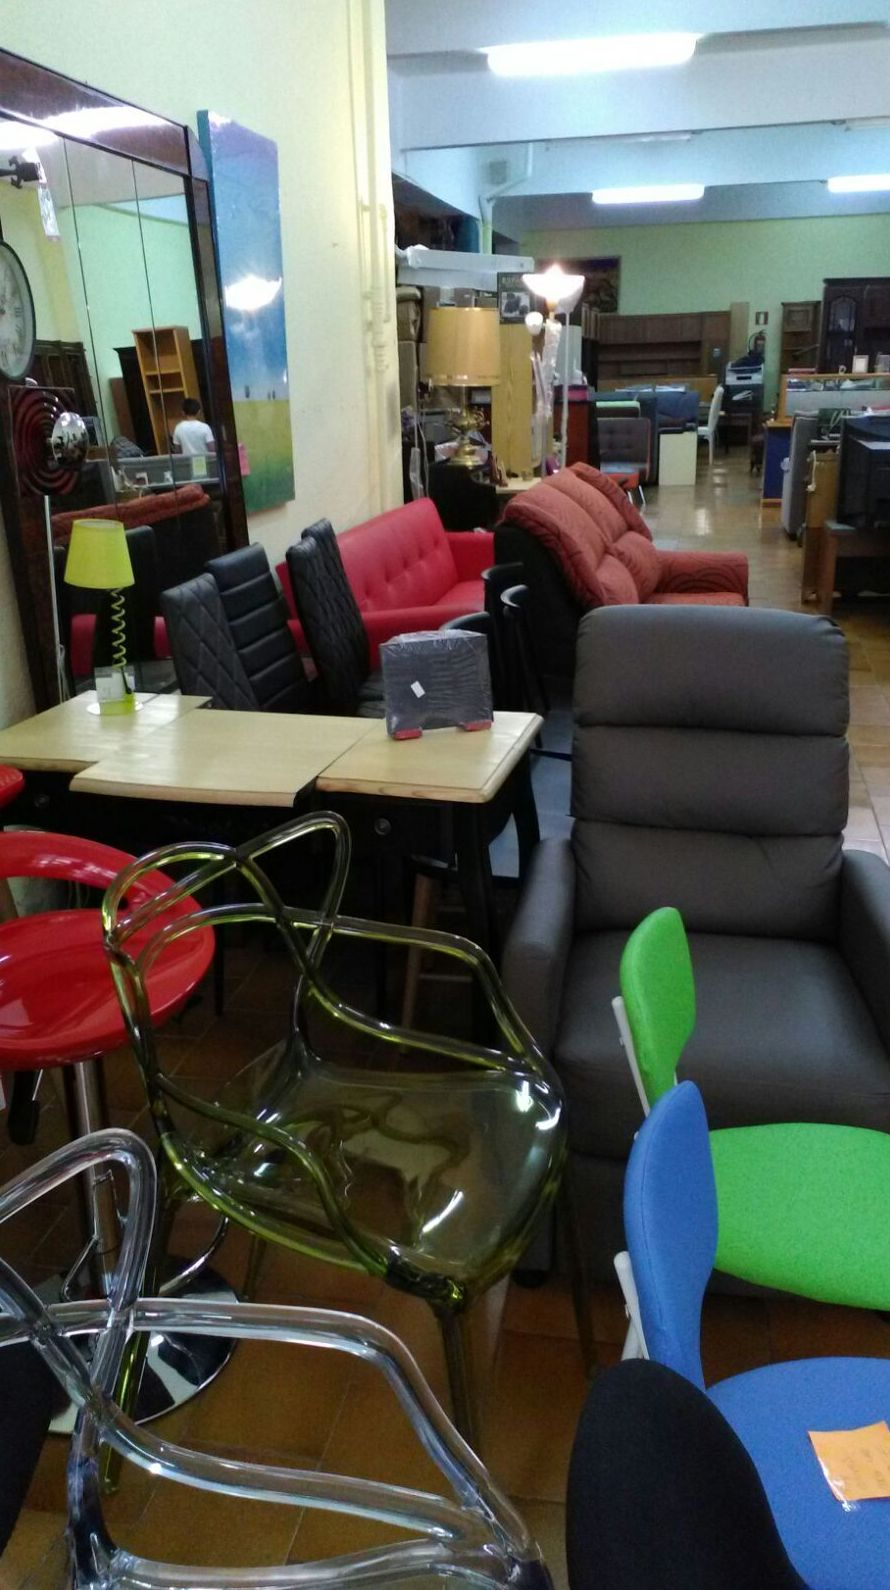 Recogida de muebles de segunda mano servicios de remar rioja for Busco muebles de segunda mano